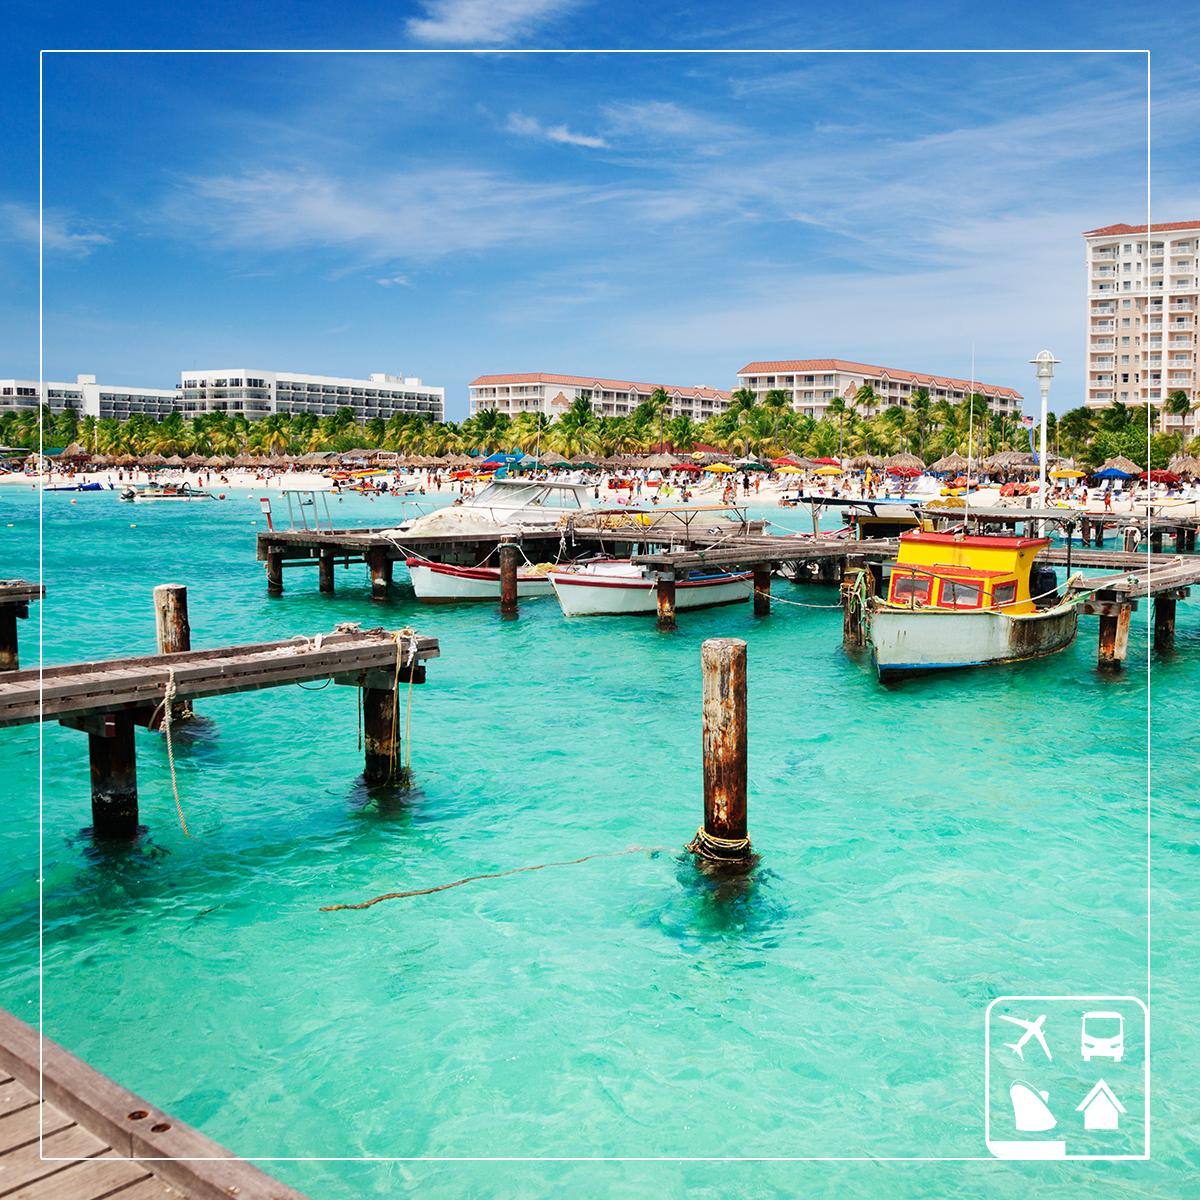 No Caribe você encontra um sol deslumbrante, praias intermináveis de areias brancas e um agitada vida noturna. Gostou? Então conheça 5 destinos desse paraíso que você precisa visitar gastando pouco: http://goo.gl/10sKfp #AmoViajar ☀ ☀ ☀